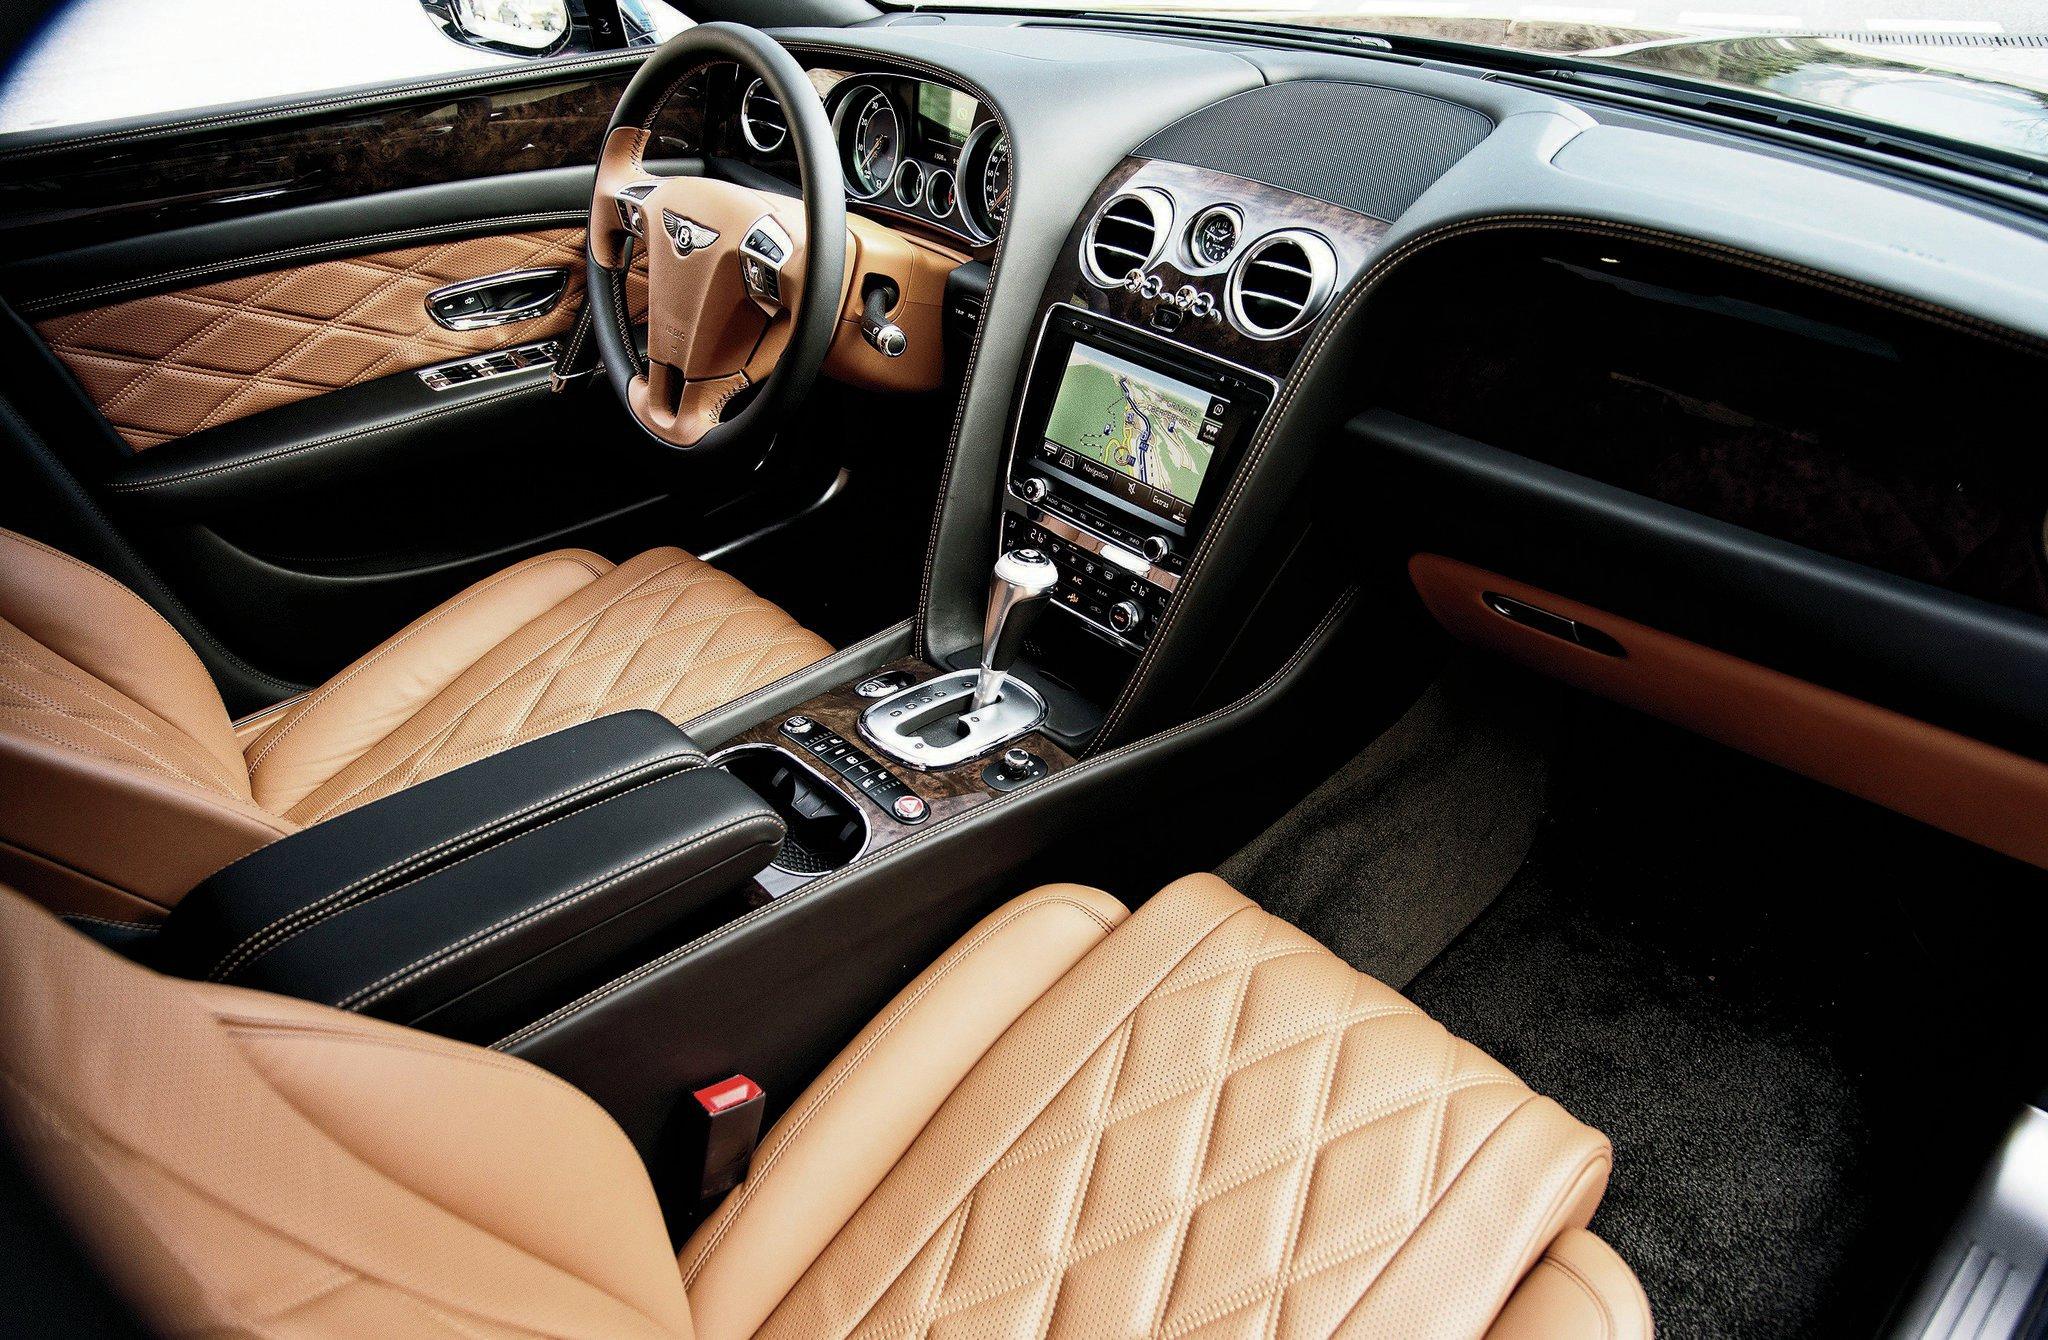 Bentley Flying Spur Vs Mercedes Benz S600 Vs Rolls Royce Ghost